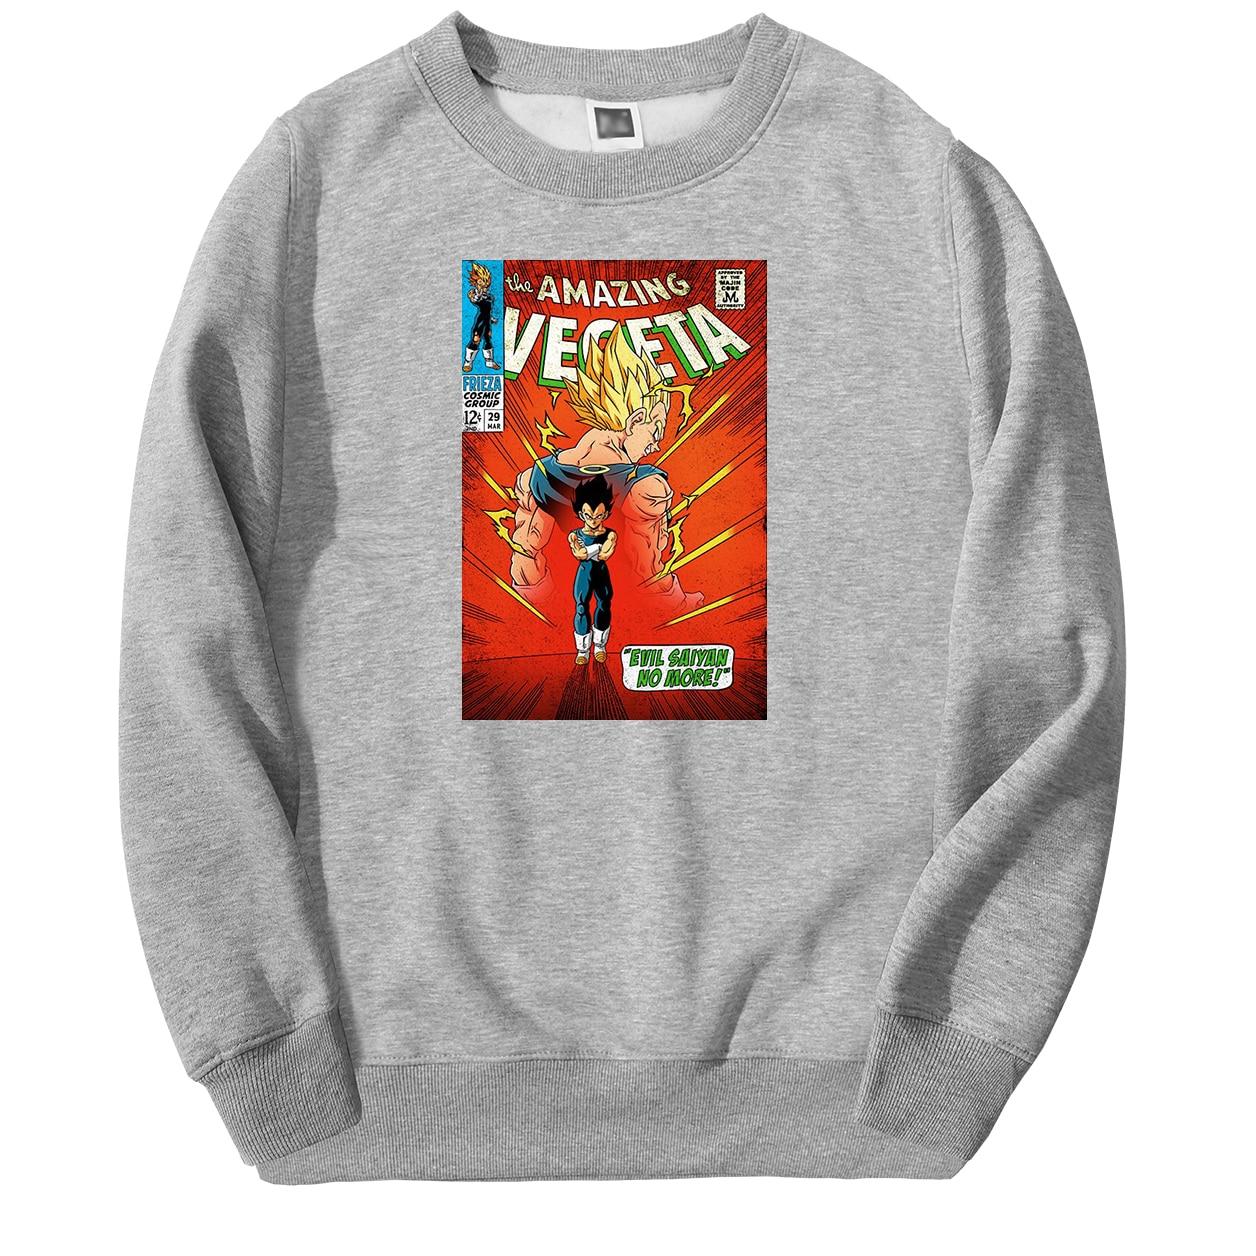 Men's Dragon Ball Z Sweatshirt Hoodies The Amazing Vegeta Pullover Fleece Streetwear Sweatshirts 2020 Spring Warm Sportswear